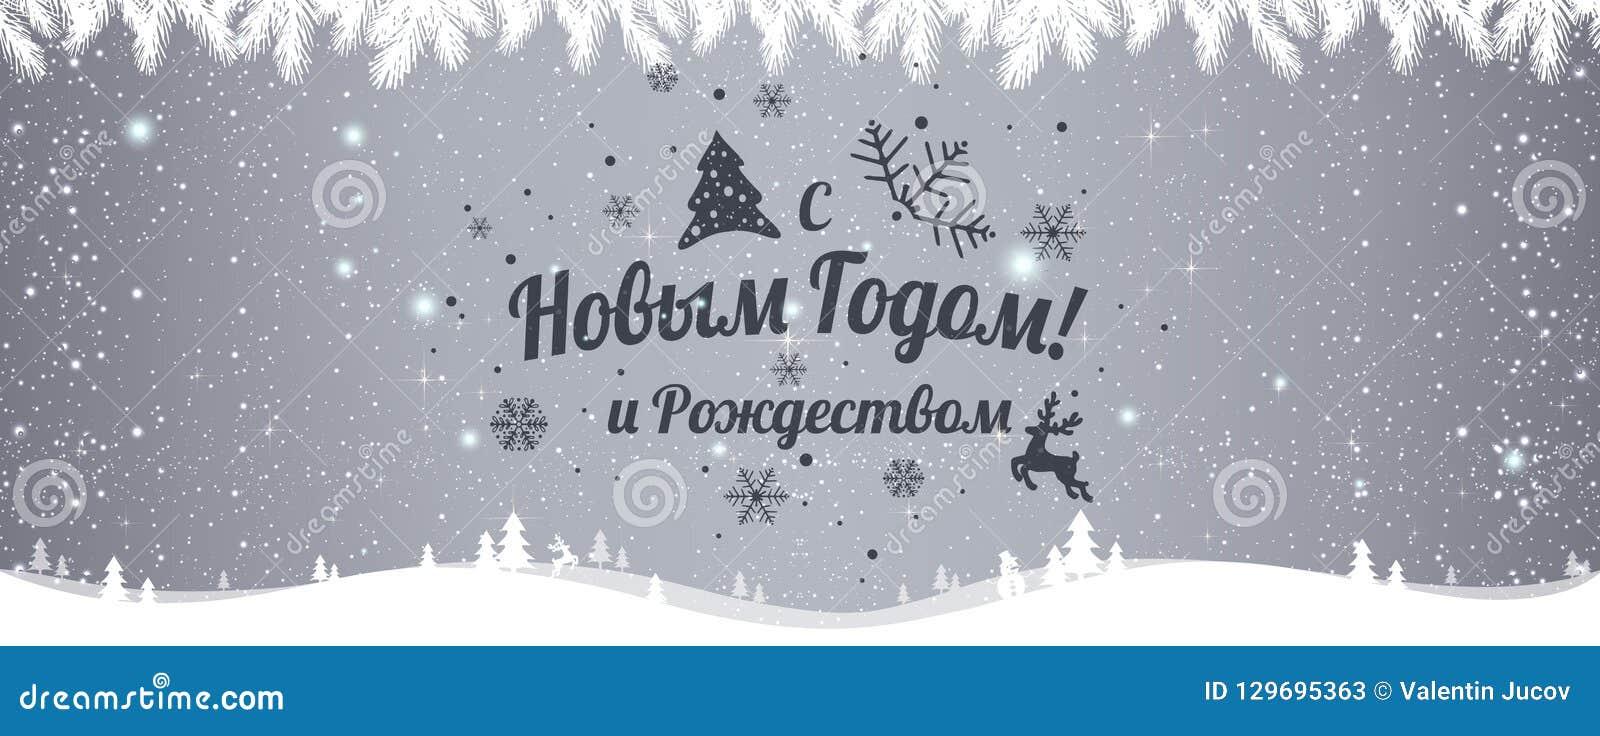 Russisch Frohe Weihnachten.Ich Wunsche Dir Frohe Weihnachten Russisch Weihnachten In